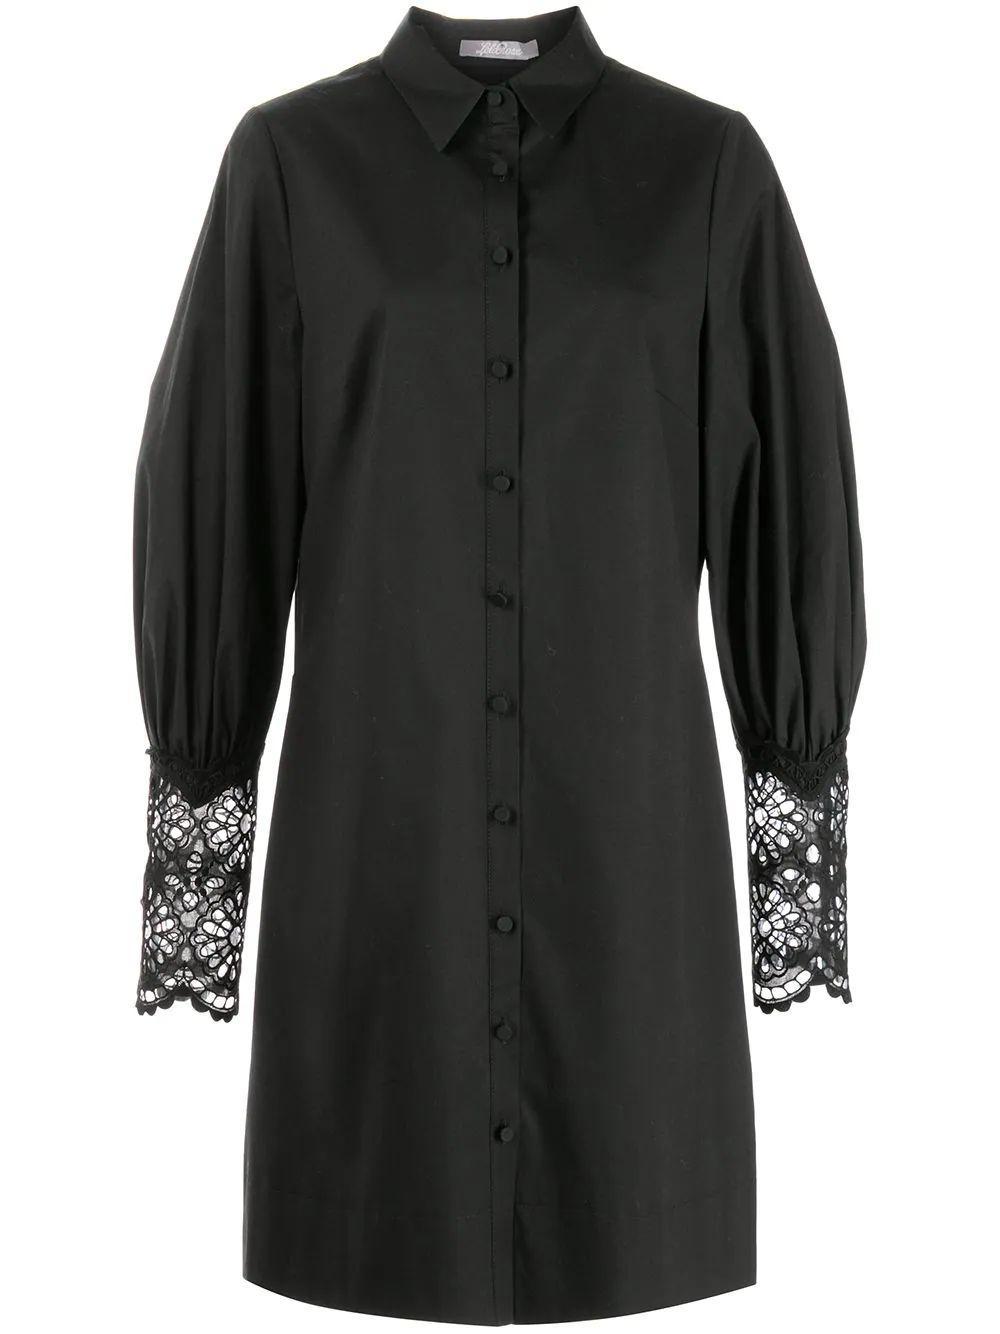 Lace Cuff Shirt Dress